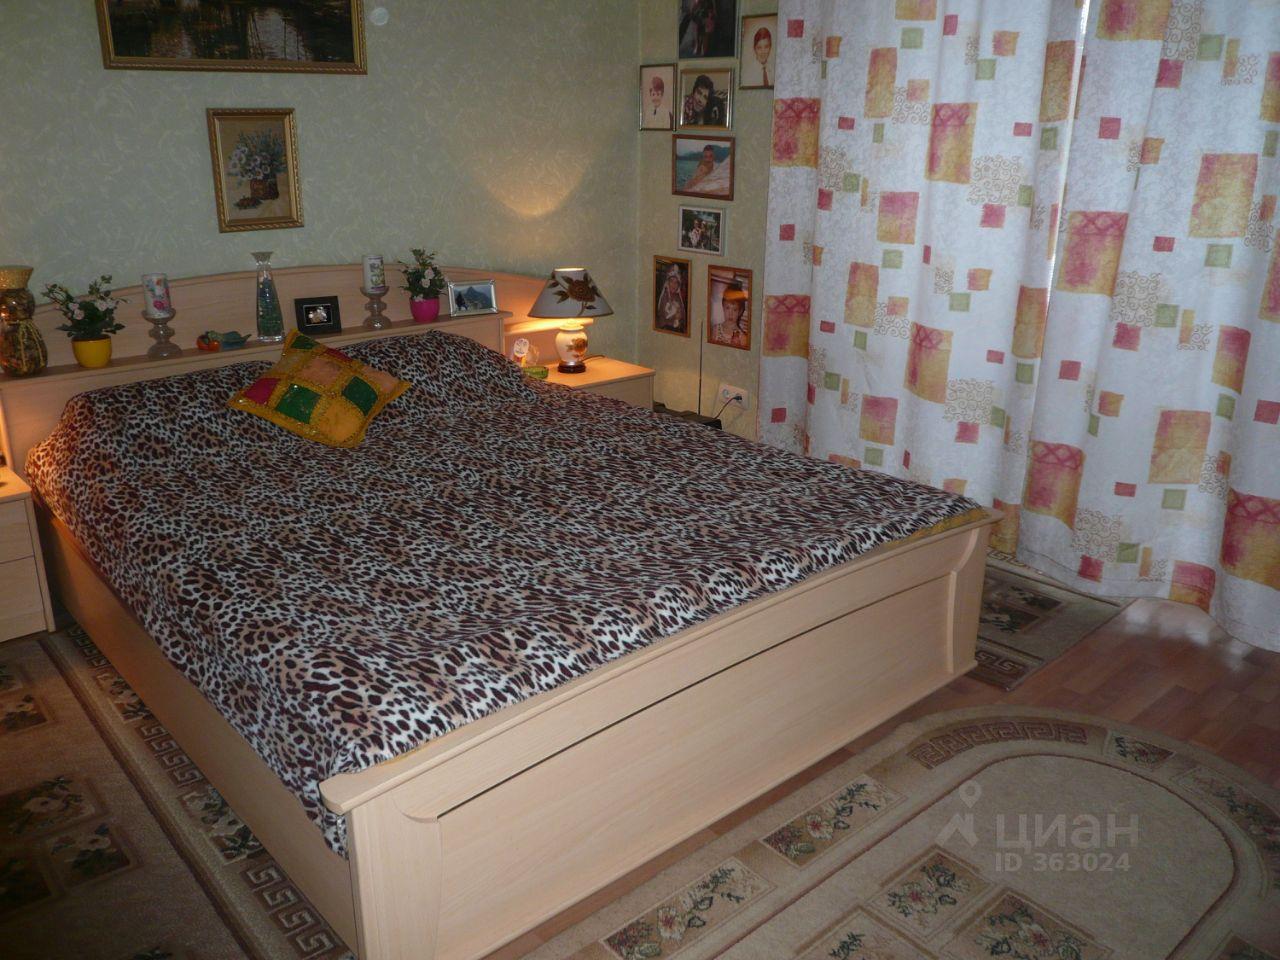 продается дом Мытищи городской округ, деревня Еремино, улица Одоминовская